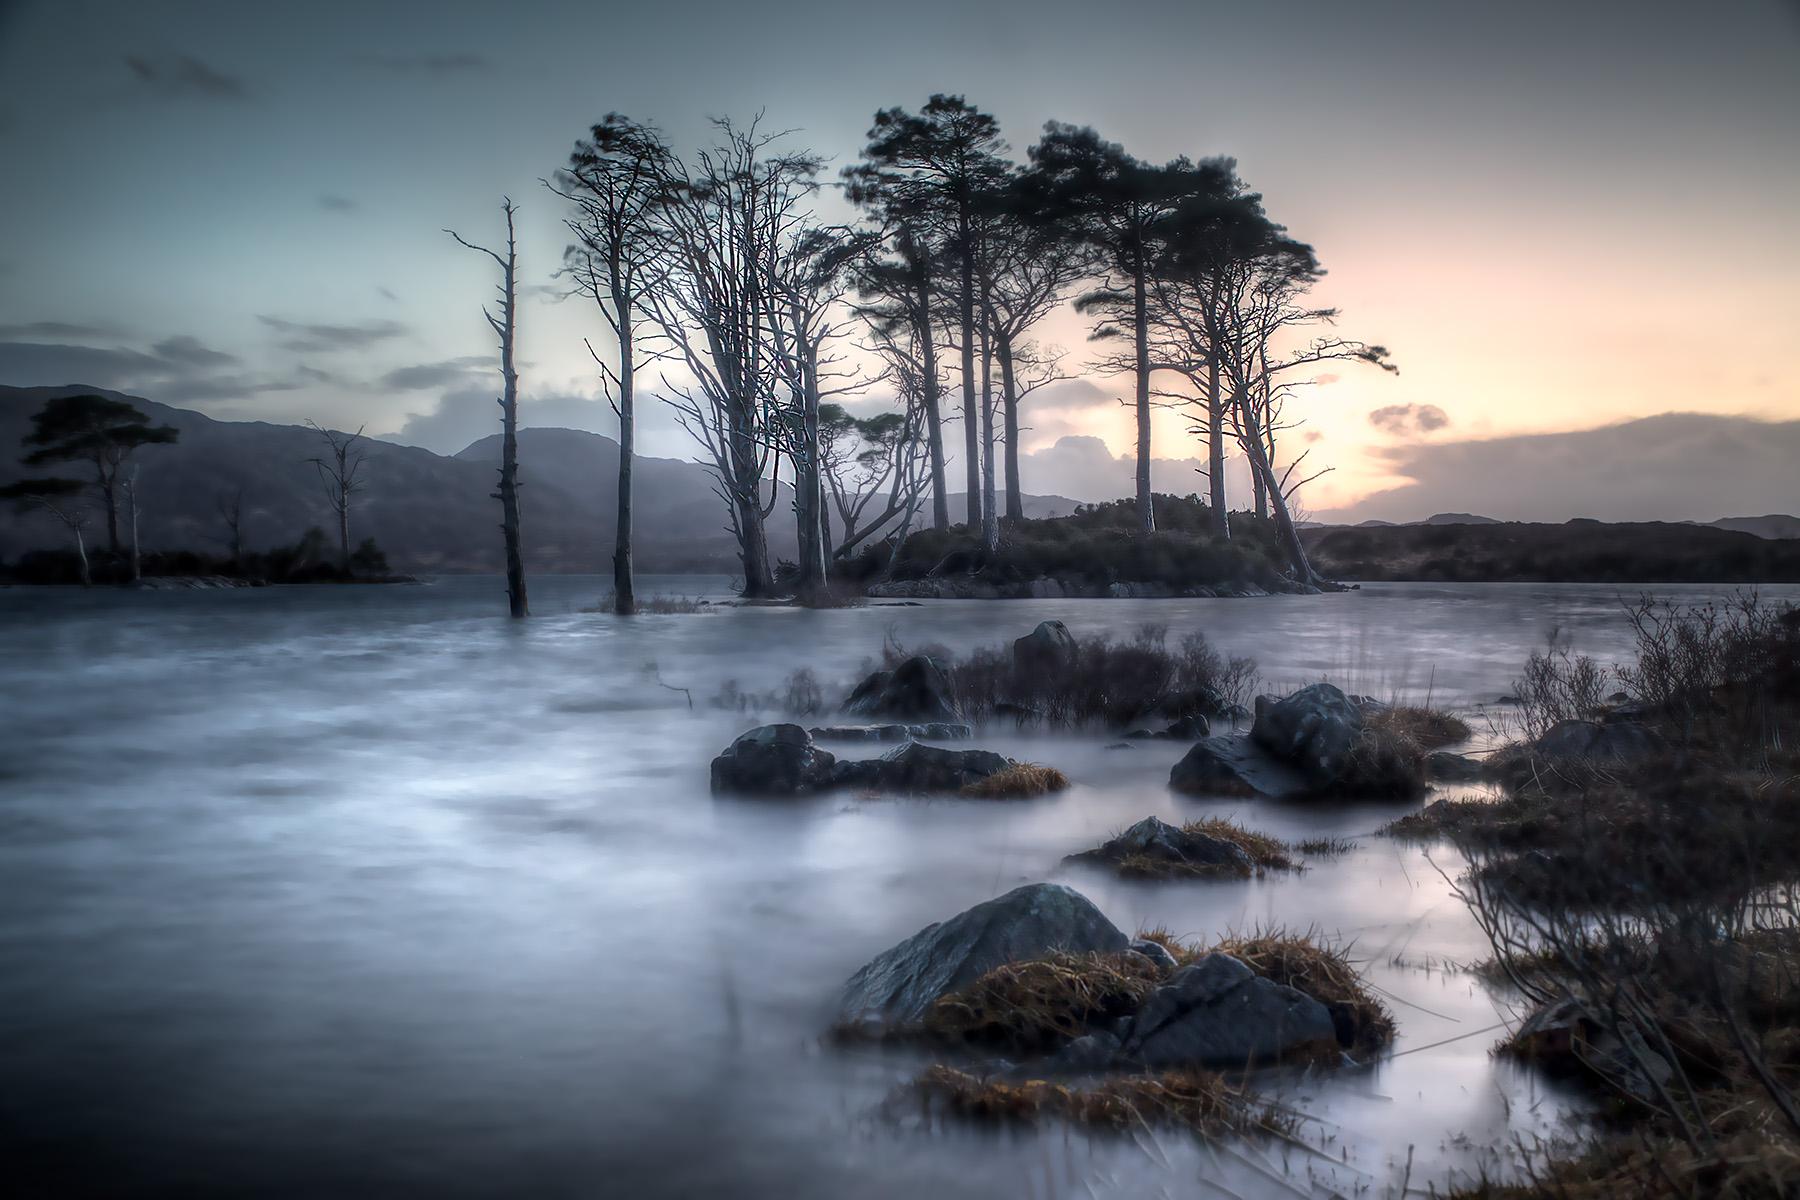 Loch Assynt Islands, United Kingdom